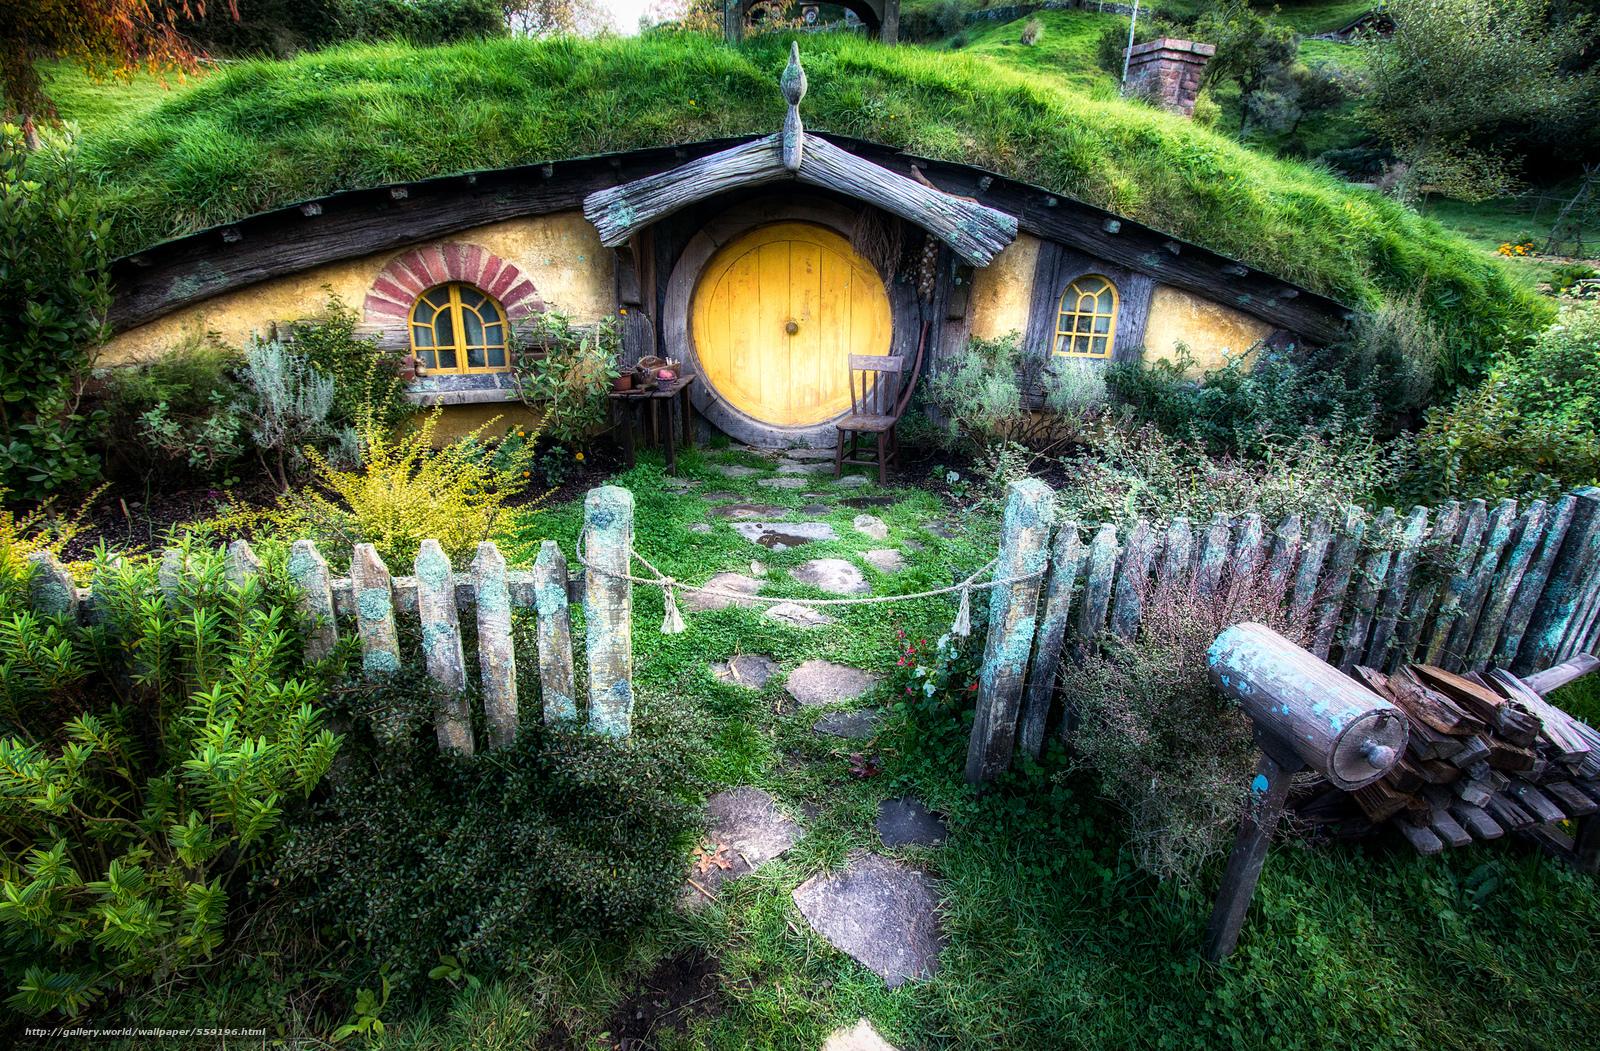 Descargar gratis El Hobbit House El Seor de los Anillos paisaje 1600x1051